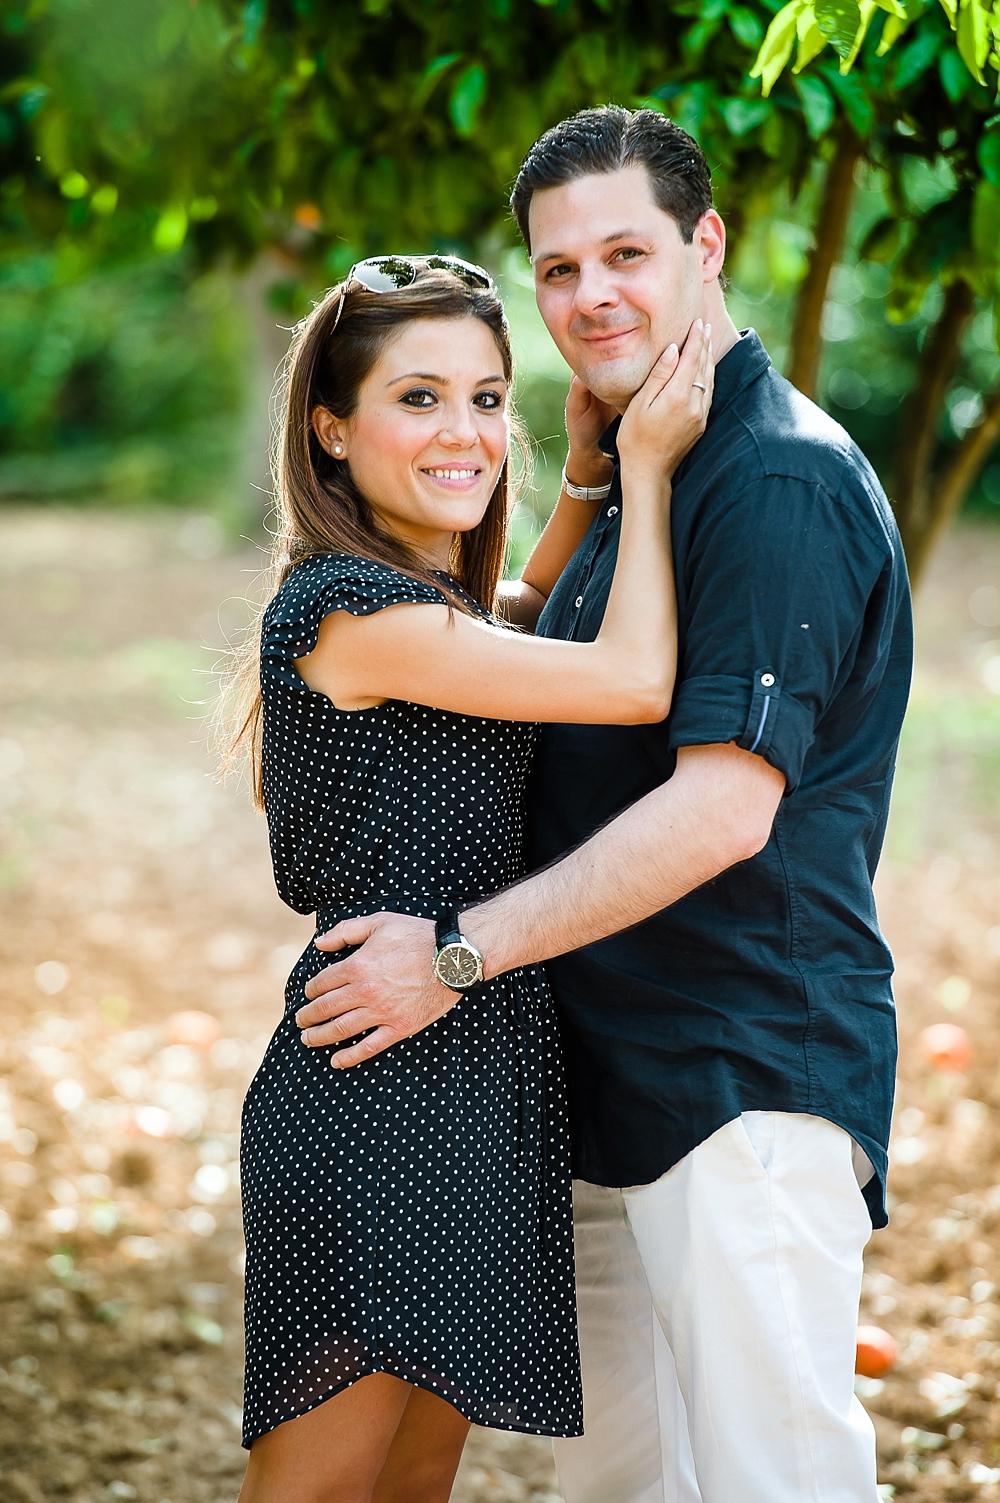 Jeanette&Mark_0012.jpg